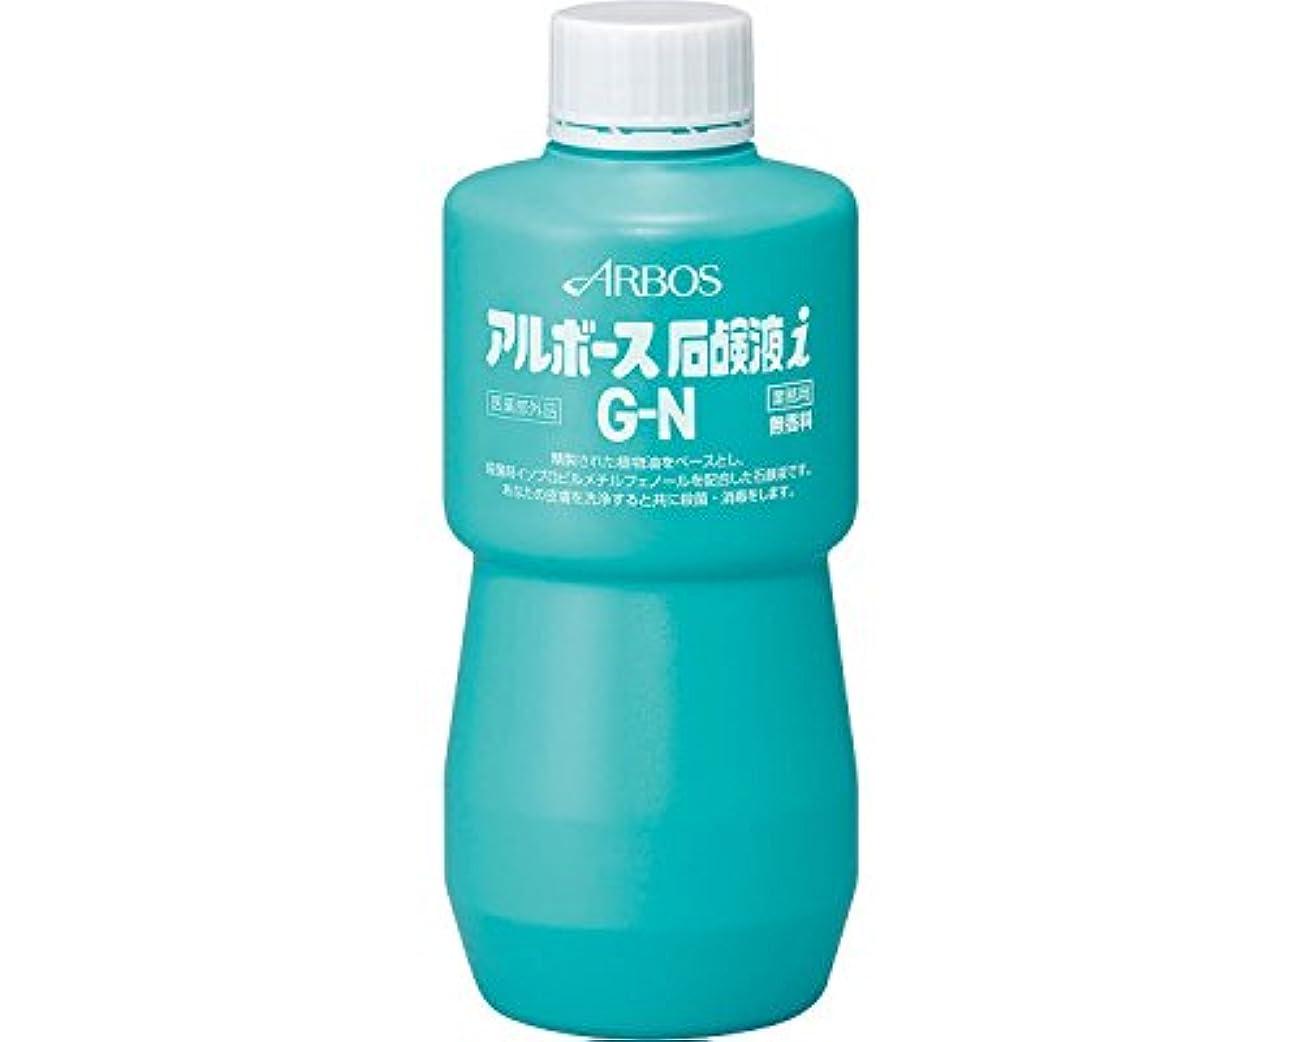 ステレオタイプ結婚した触覚アルボース石鹸液i GN 500g 1ケース(30本入) (アルボース)